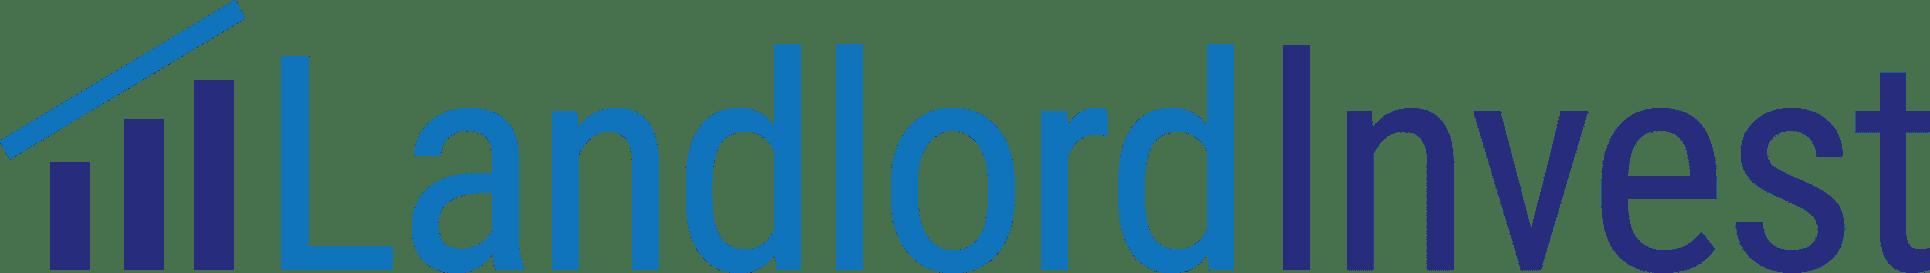 Logo of Property investment platform LandlordInvest